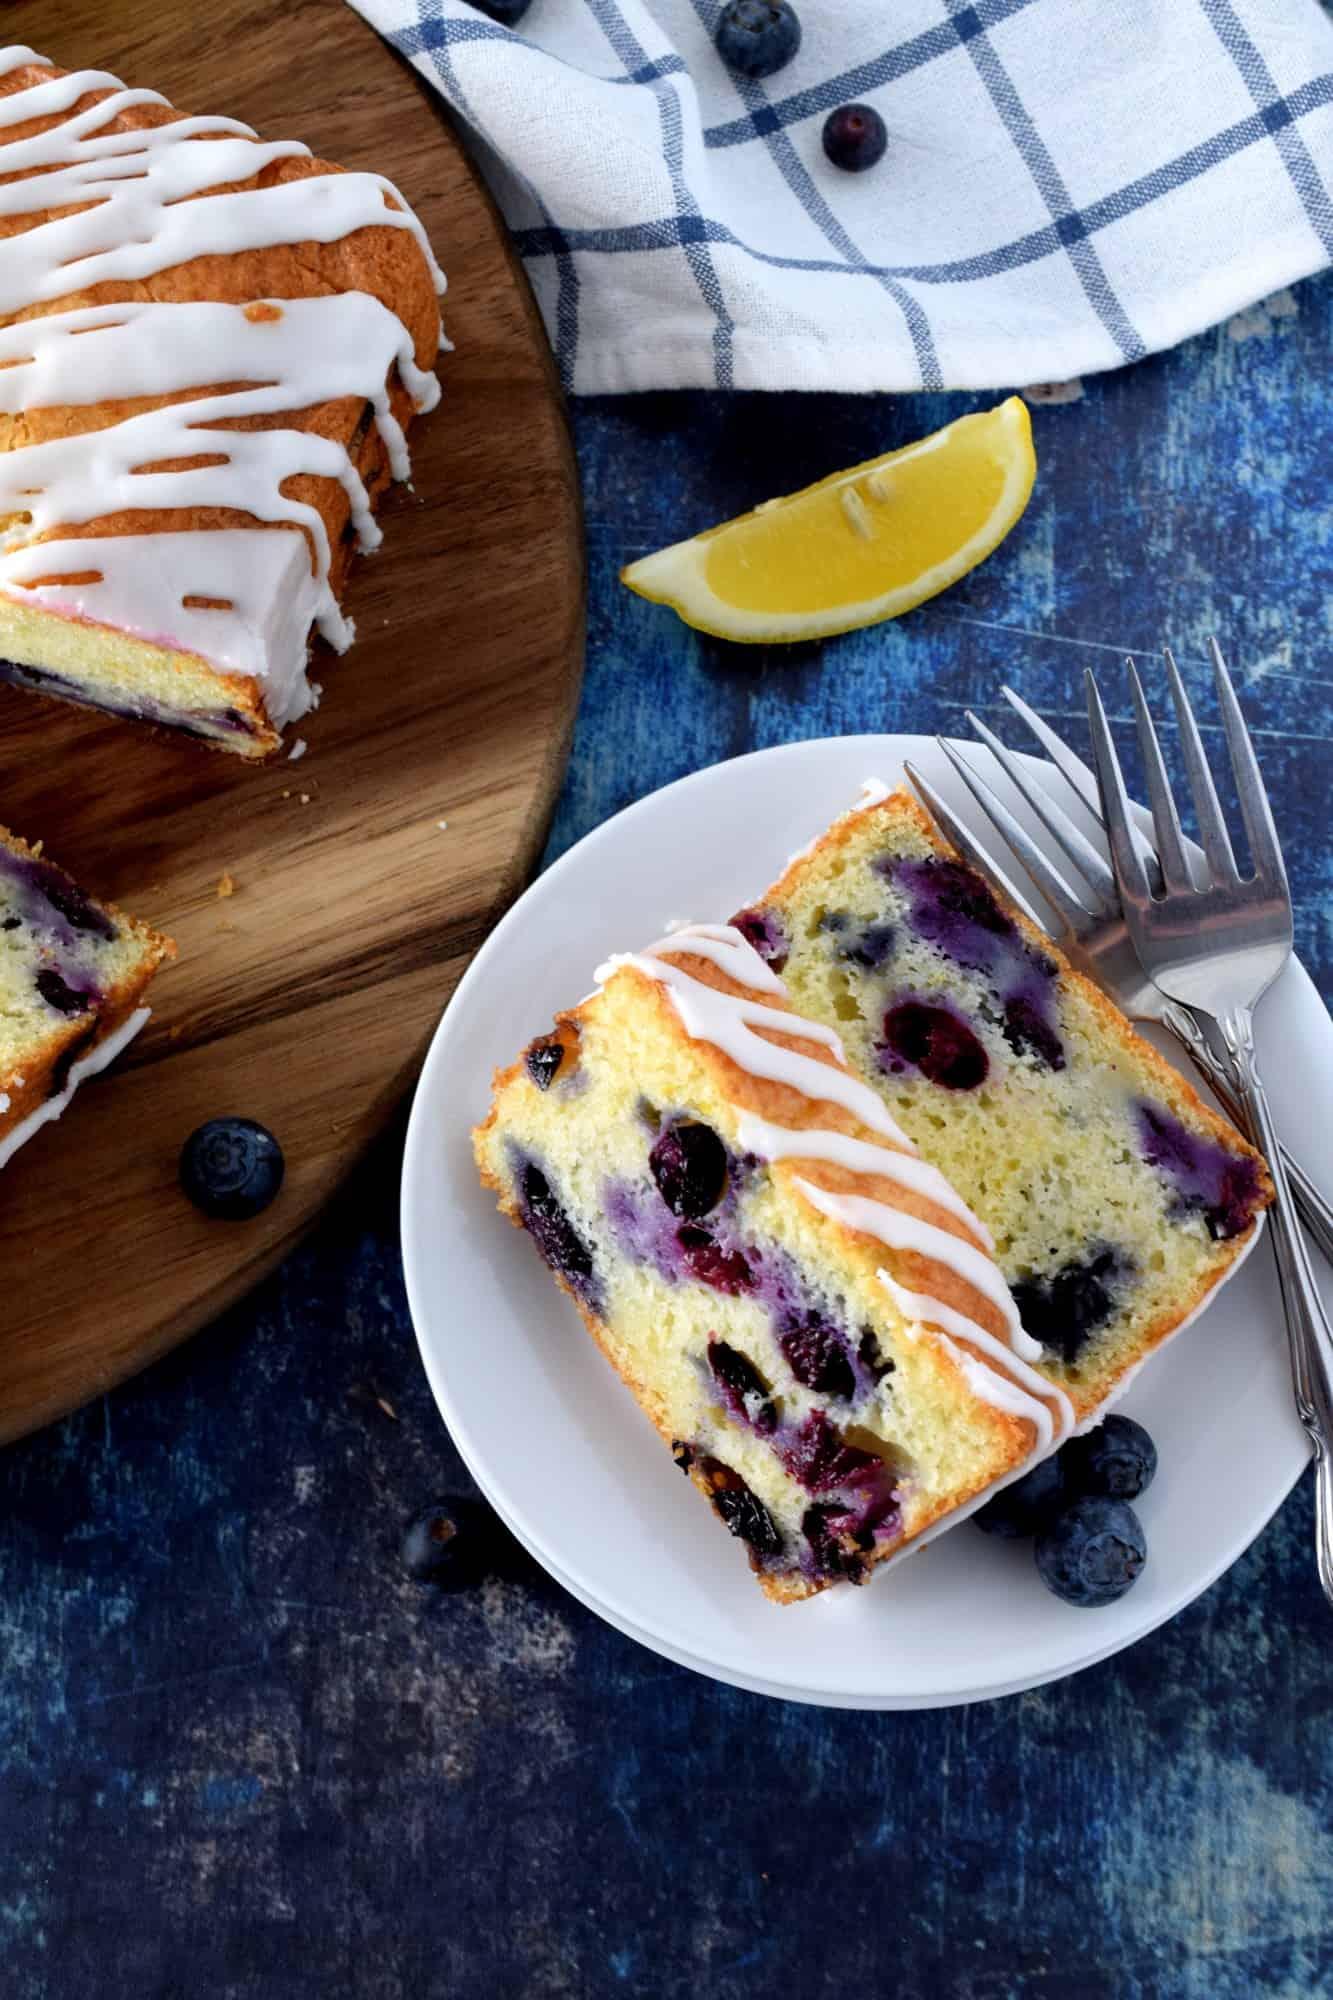 Lemon Glazed Blueberry Loaf